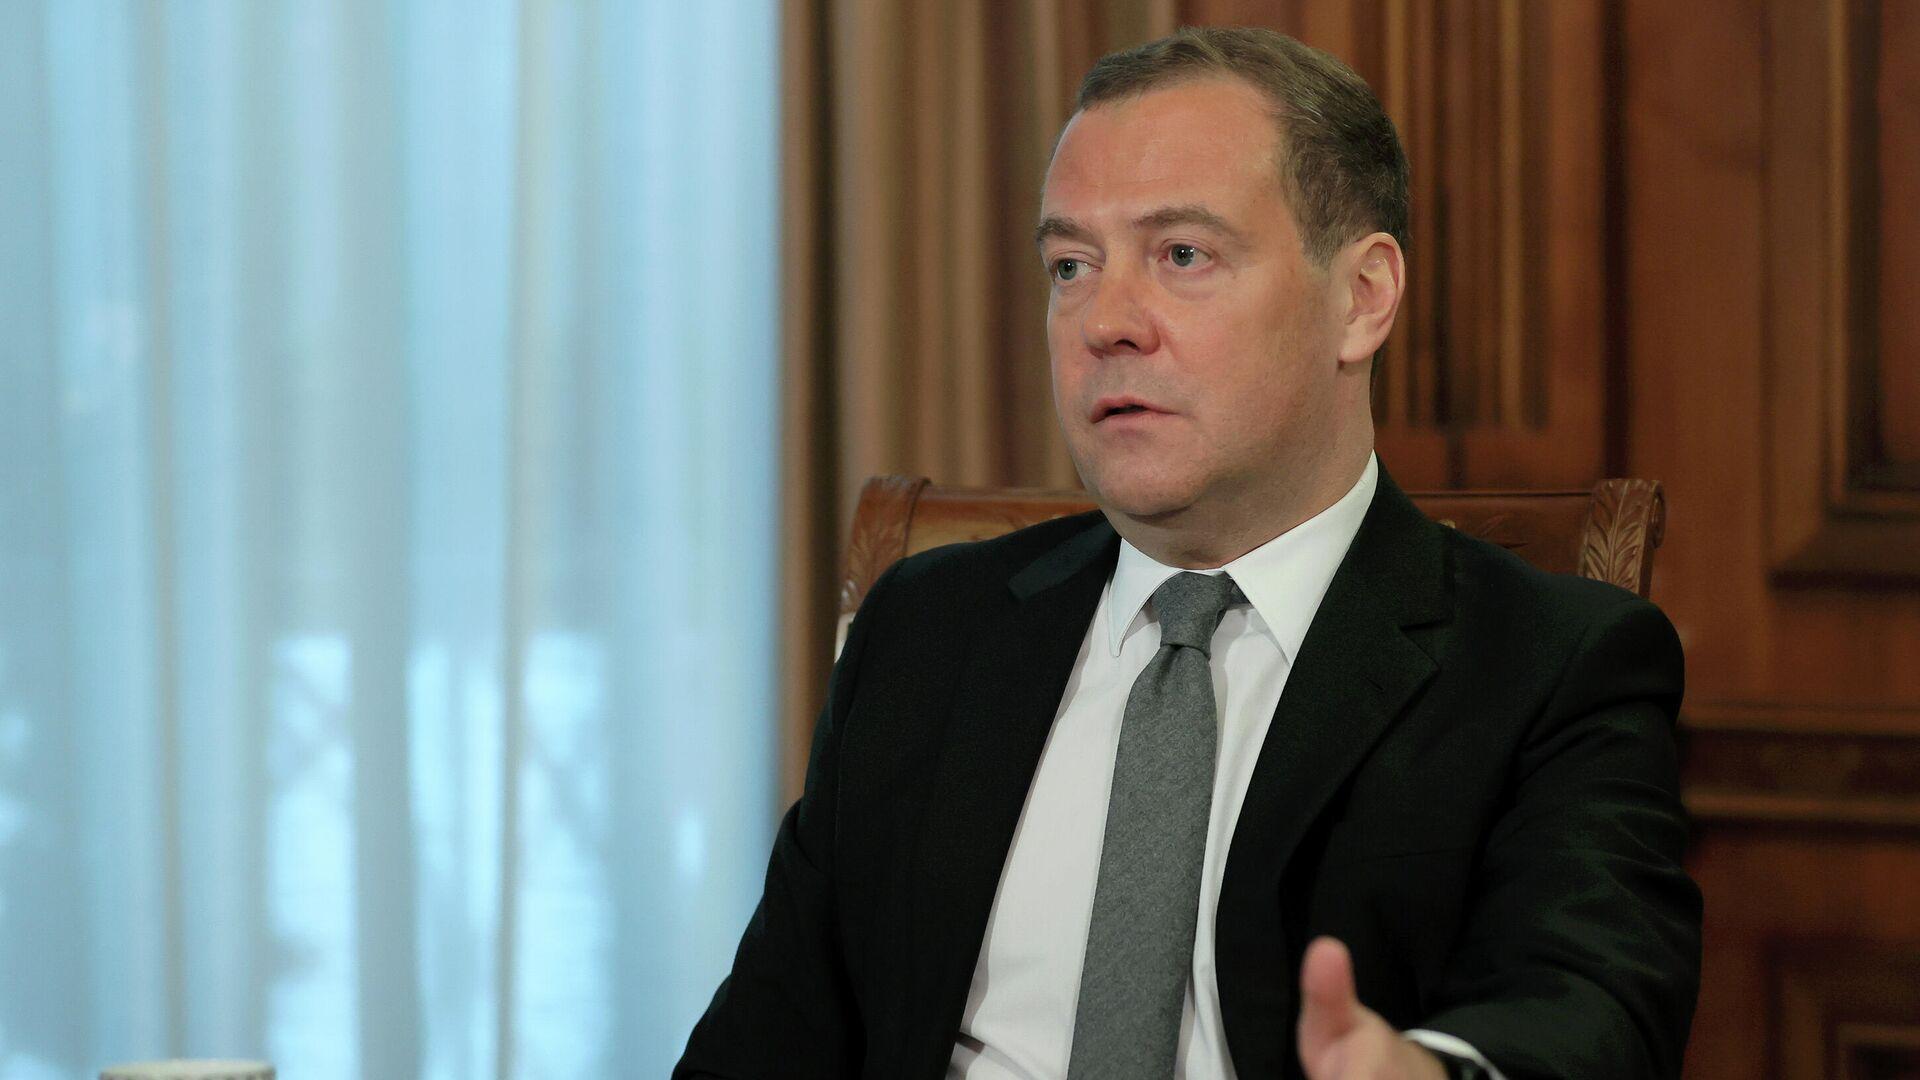 Председатель партии Единая Россия Дмитрий Медведев во время интервью представителям СМИ - РИА Новости, 1920, 19.05.2021